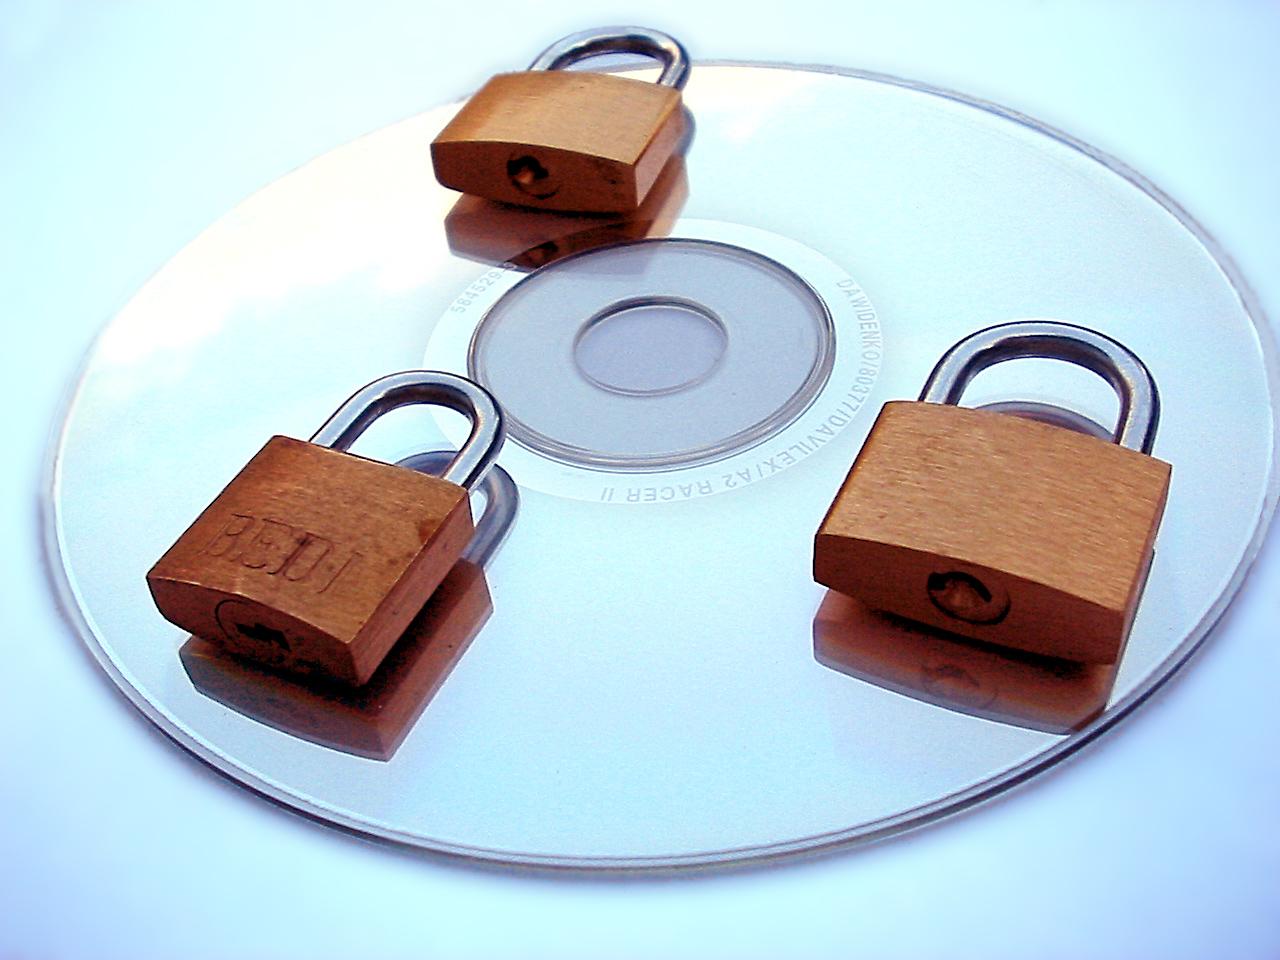 data-protection-cd-rom-v3-1462086